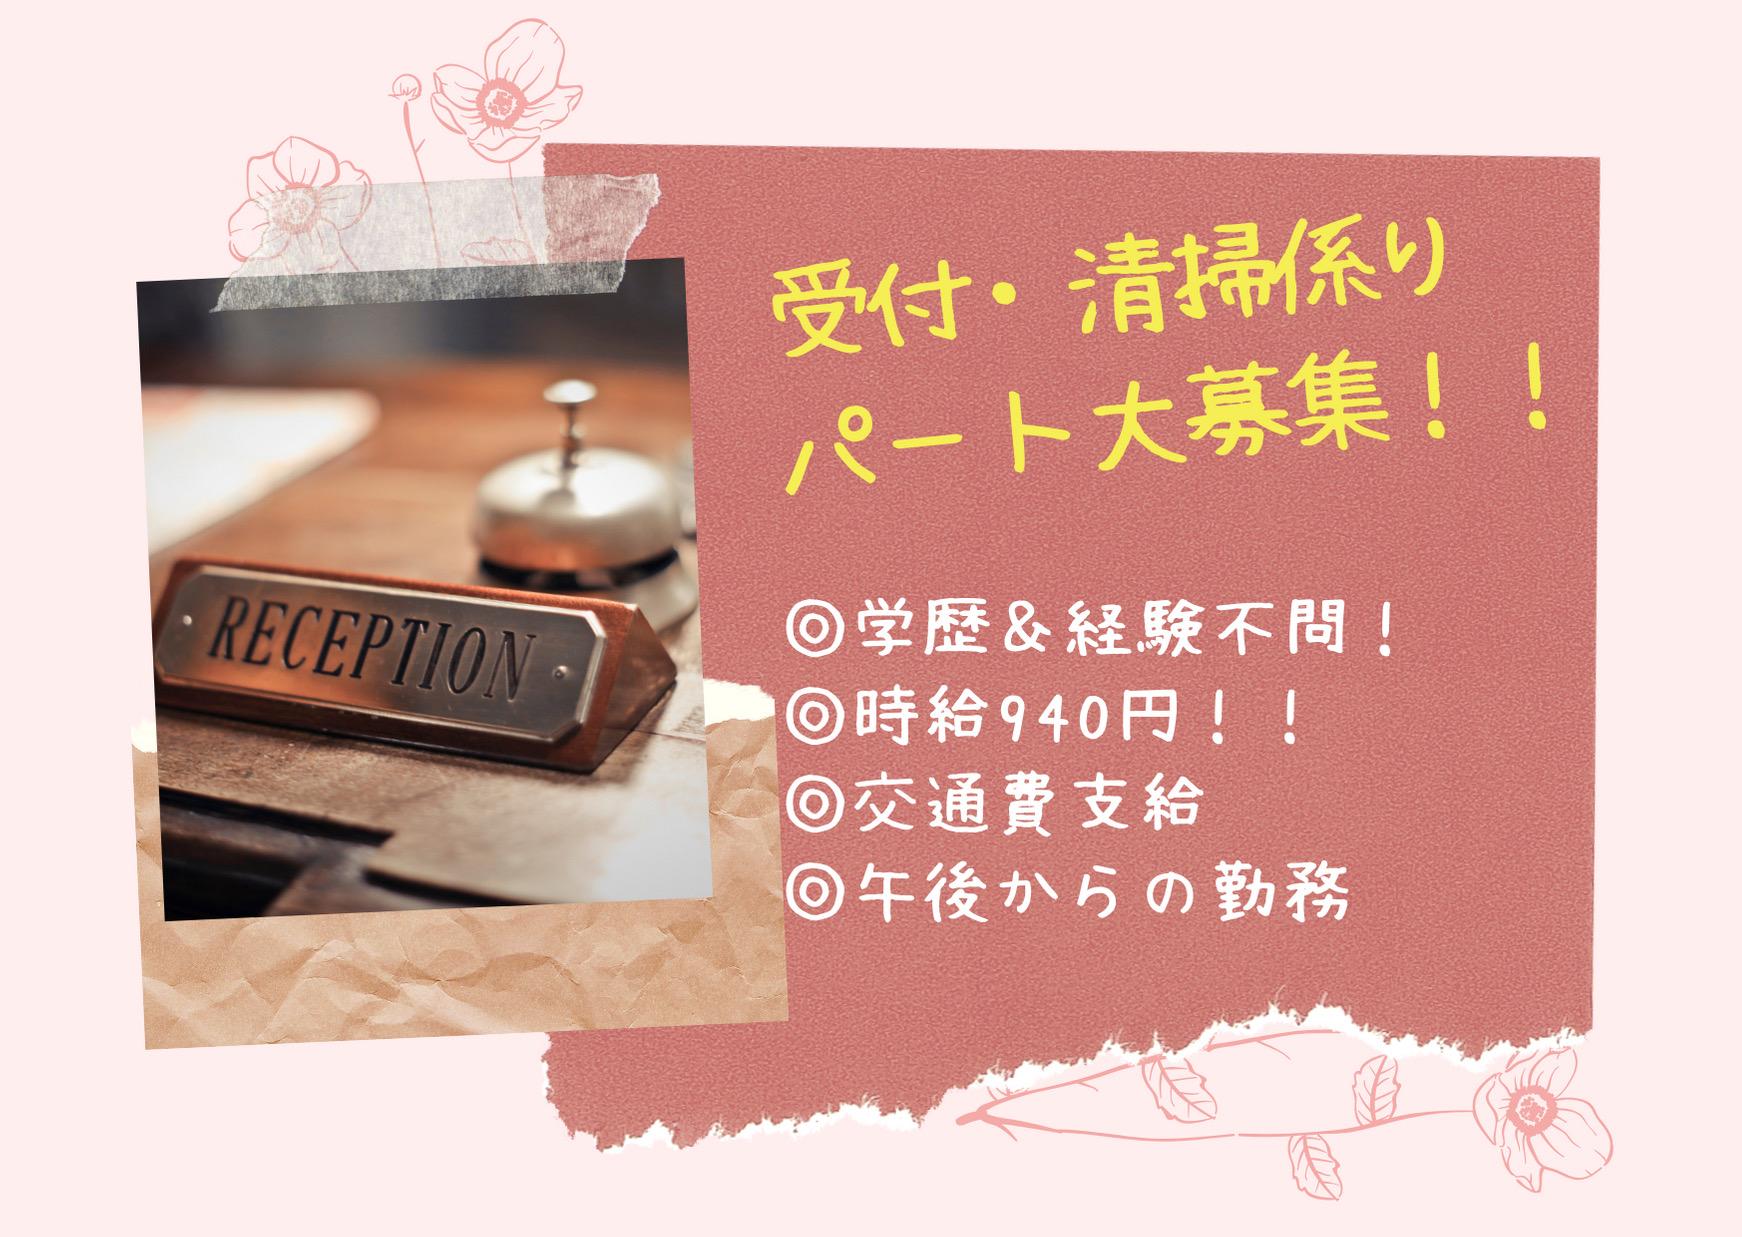 【即面談可能】豊田市で受付・清掃のパート(時給940円)※15時~の勤務です。週5日、土日のみOK♪未経験大歓迎です☆彡 イメージ